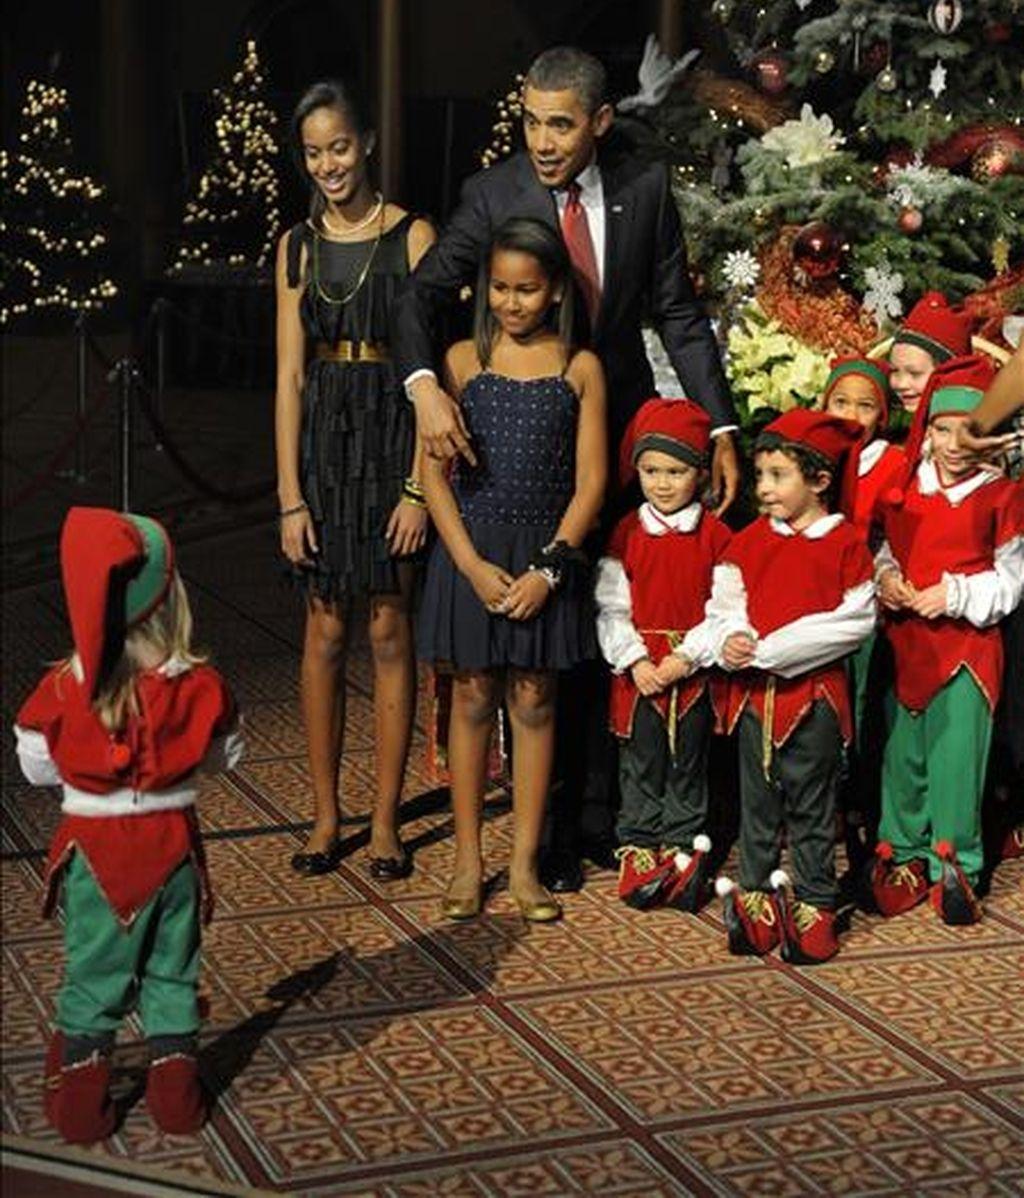 El presidente Obama, y sus hijas Malia (i) y Sasha (2i), posan junto a un grupo de niños, durante la celebración de la fiesta navideña en el Museo Building de la ciudad de Washington D.C (EEUU). EFE